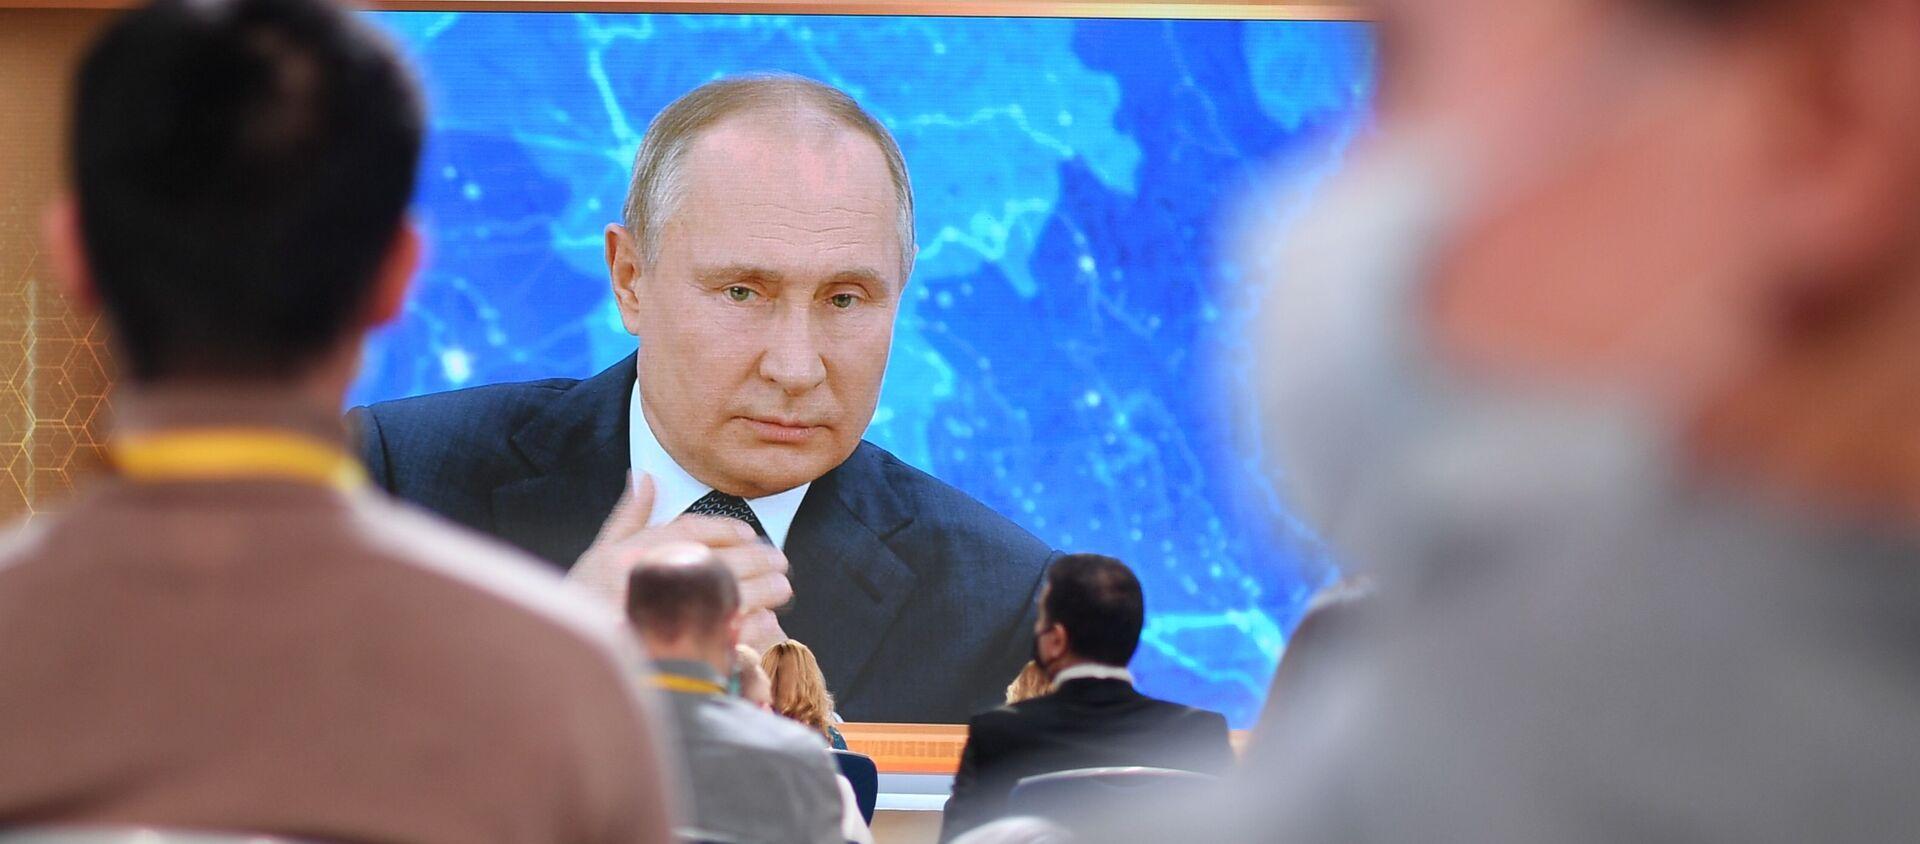 Владимир Путин - Sputnik Србија, 1920, 17.12.2020